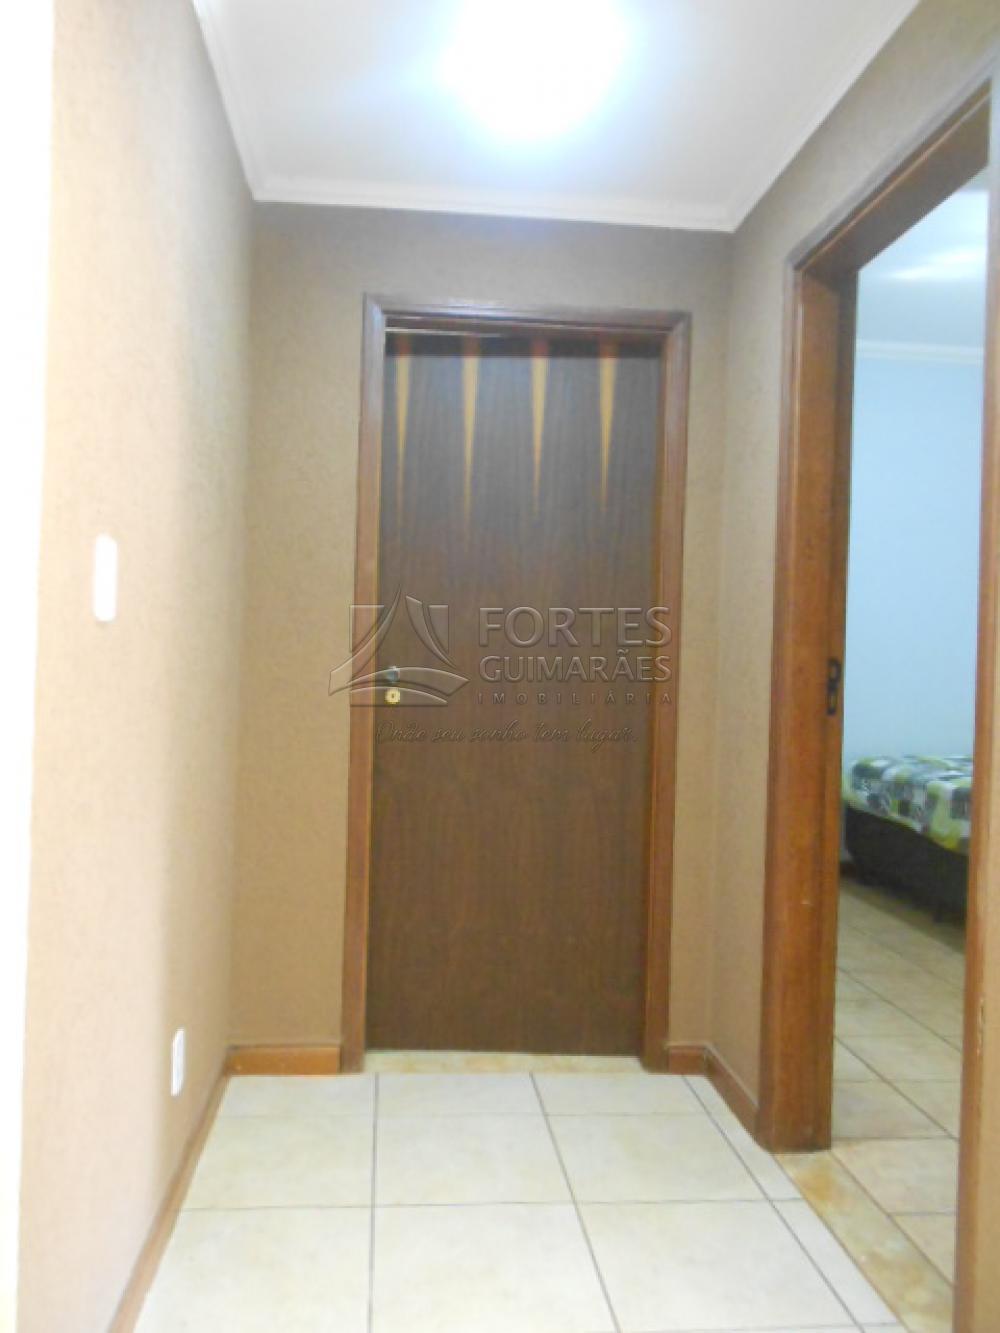 Alugar Casas / Condomínio em Jardinópolis apenas R$ 3.000,00 - Foto 18